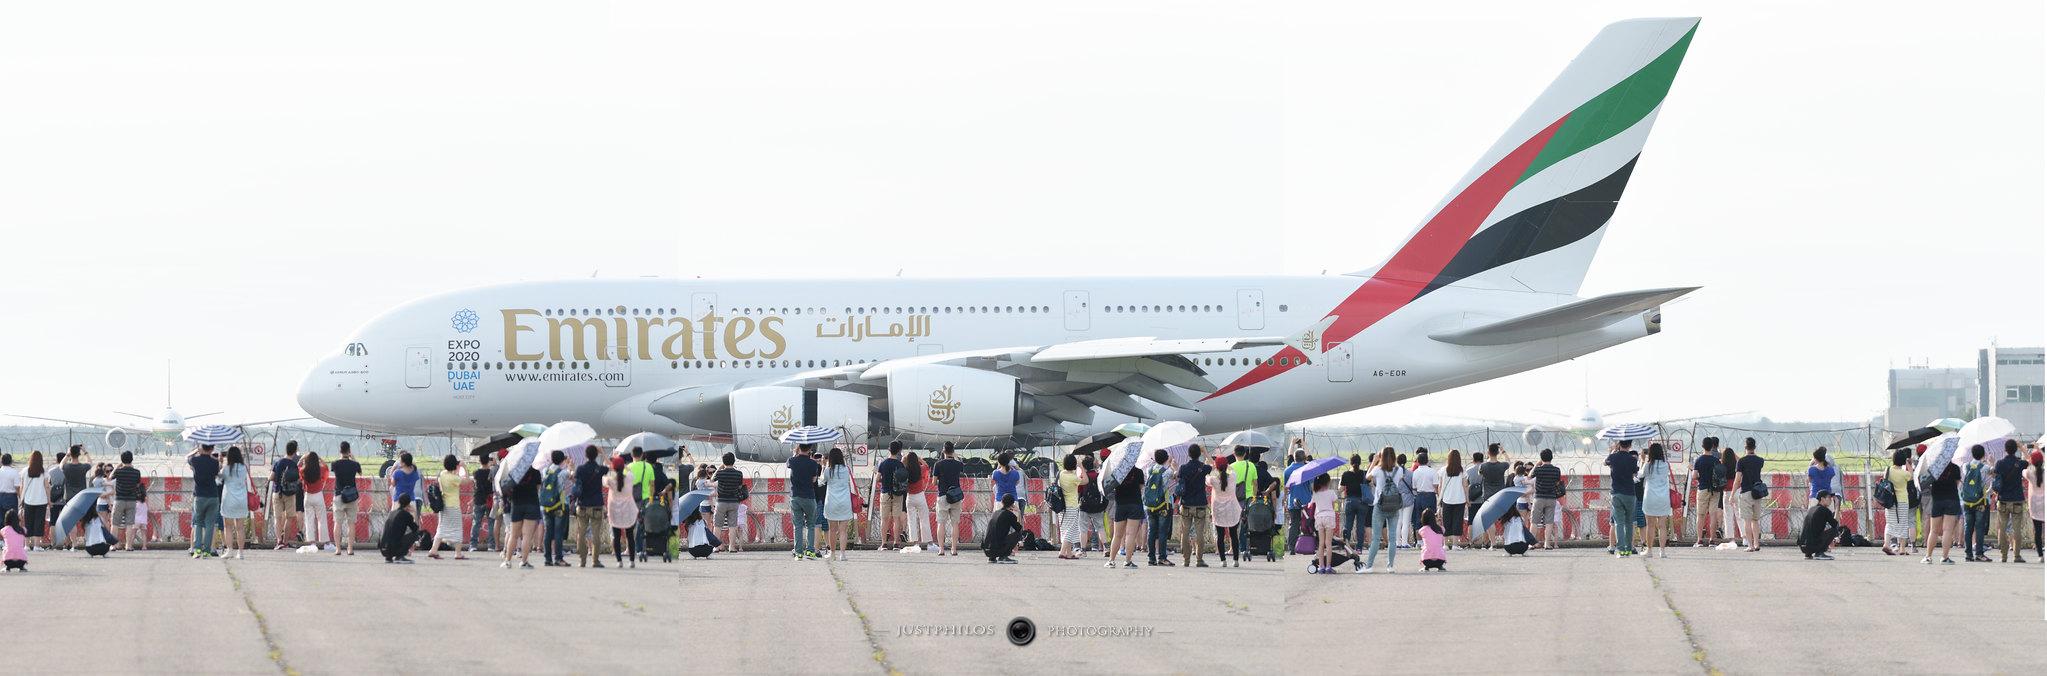 [桃園] 桃園機場拍飛機|大園聯絡道看飛機 - 大男孩的相機旅行